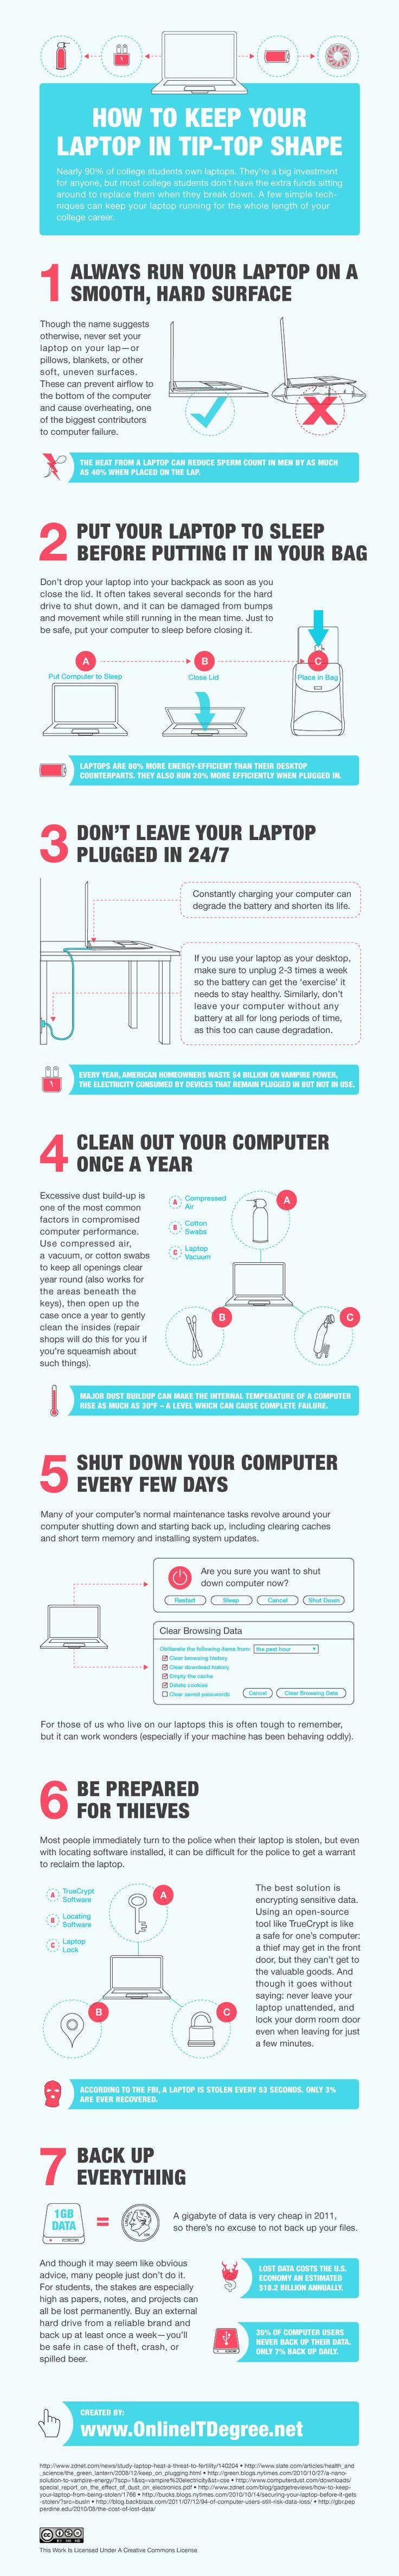 Seguridad en ordenadores portátiles #infografia #infographic